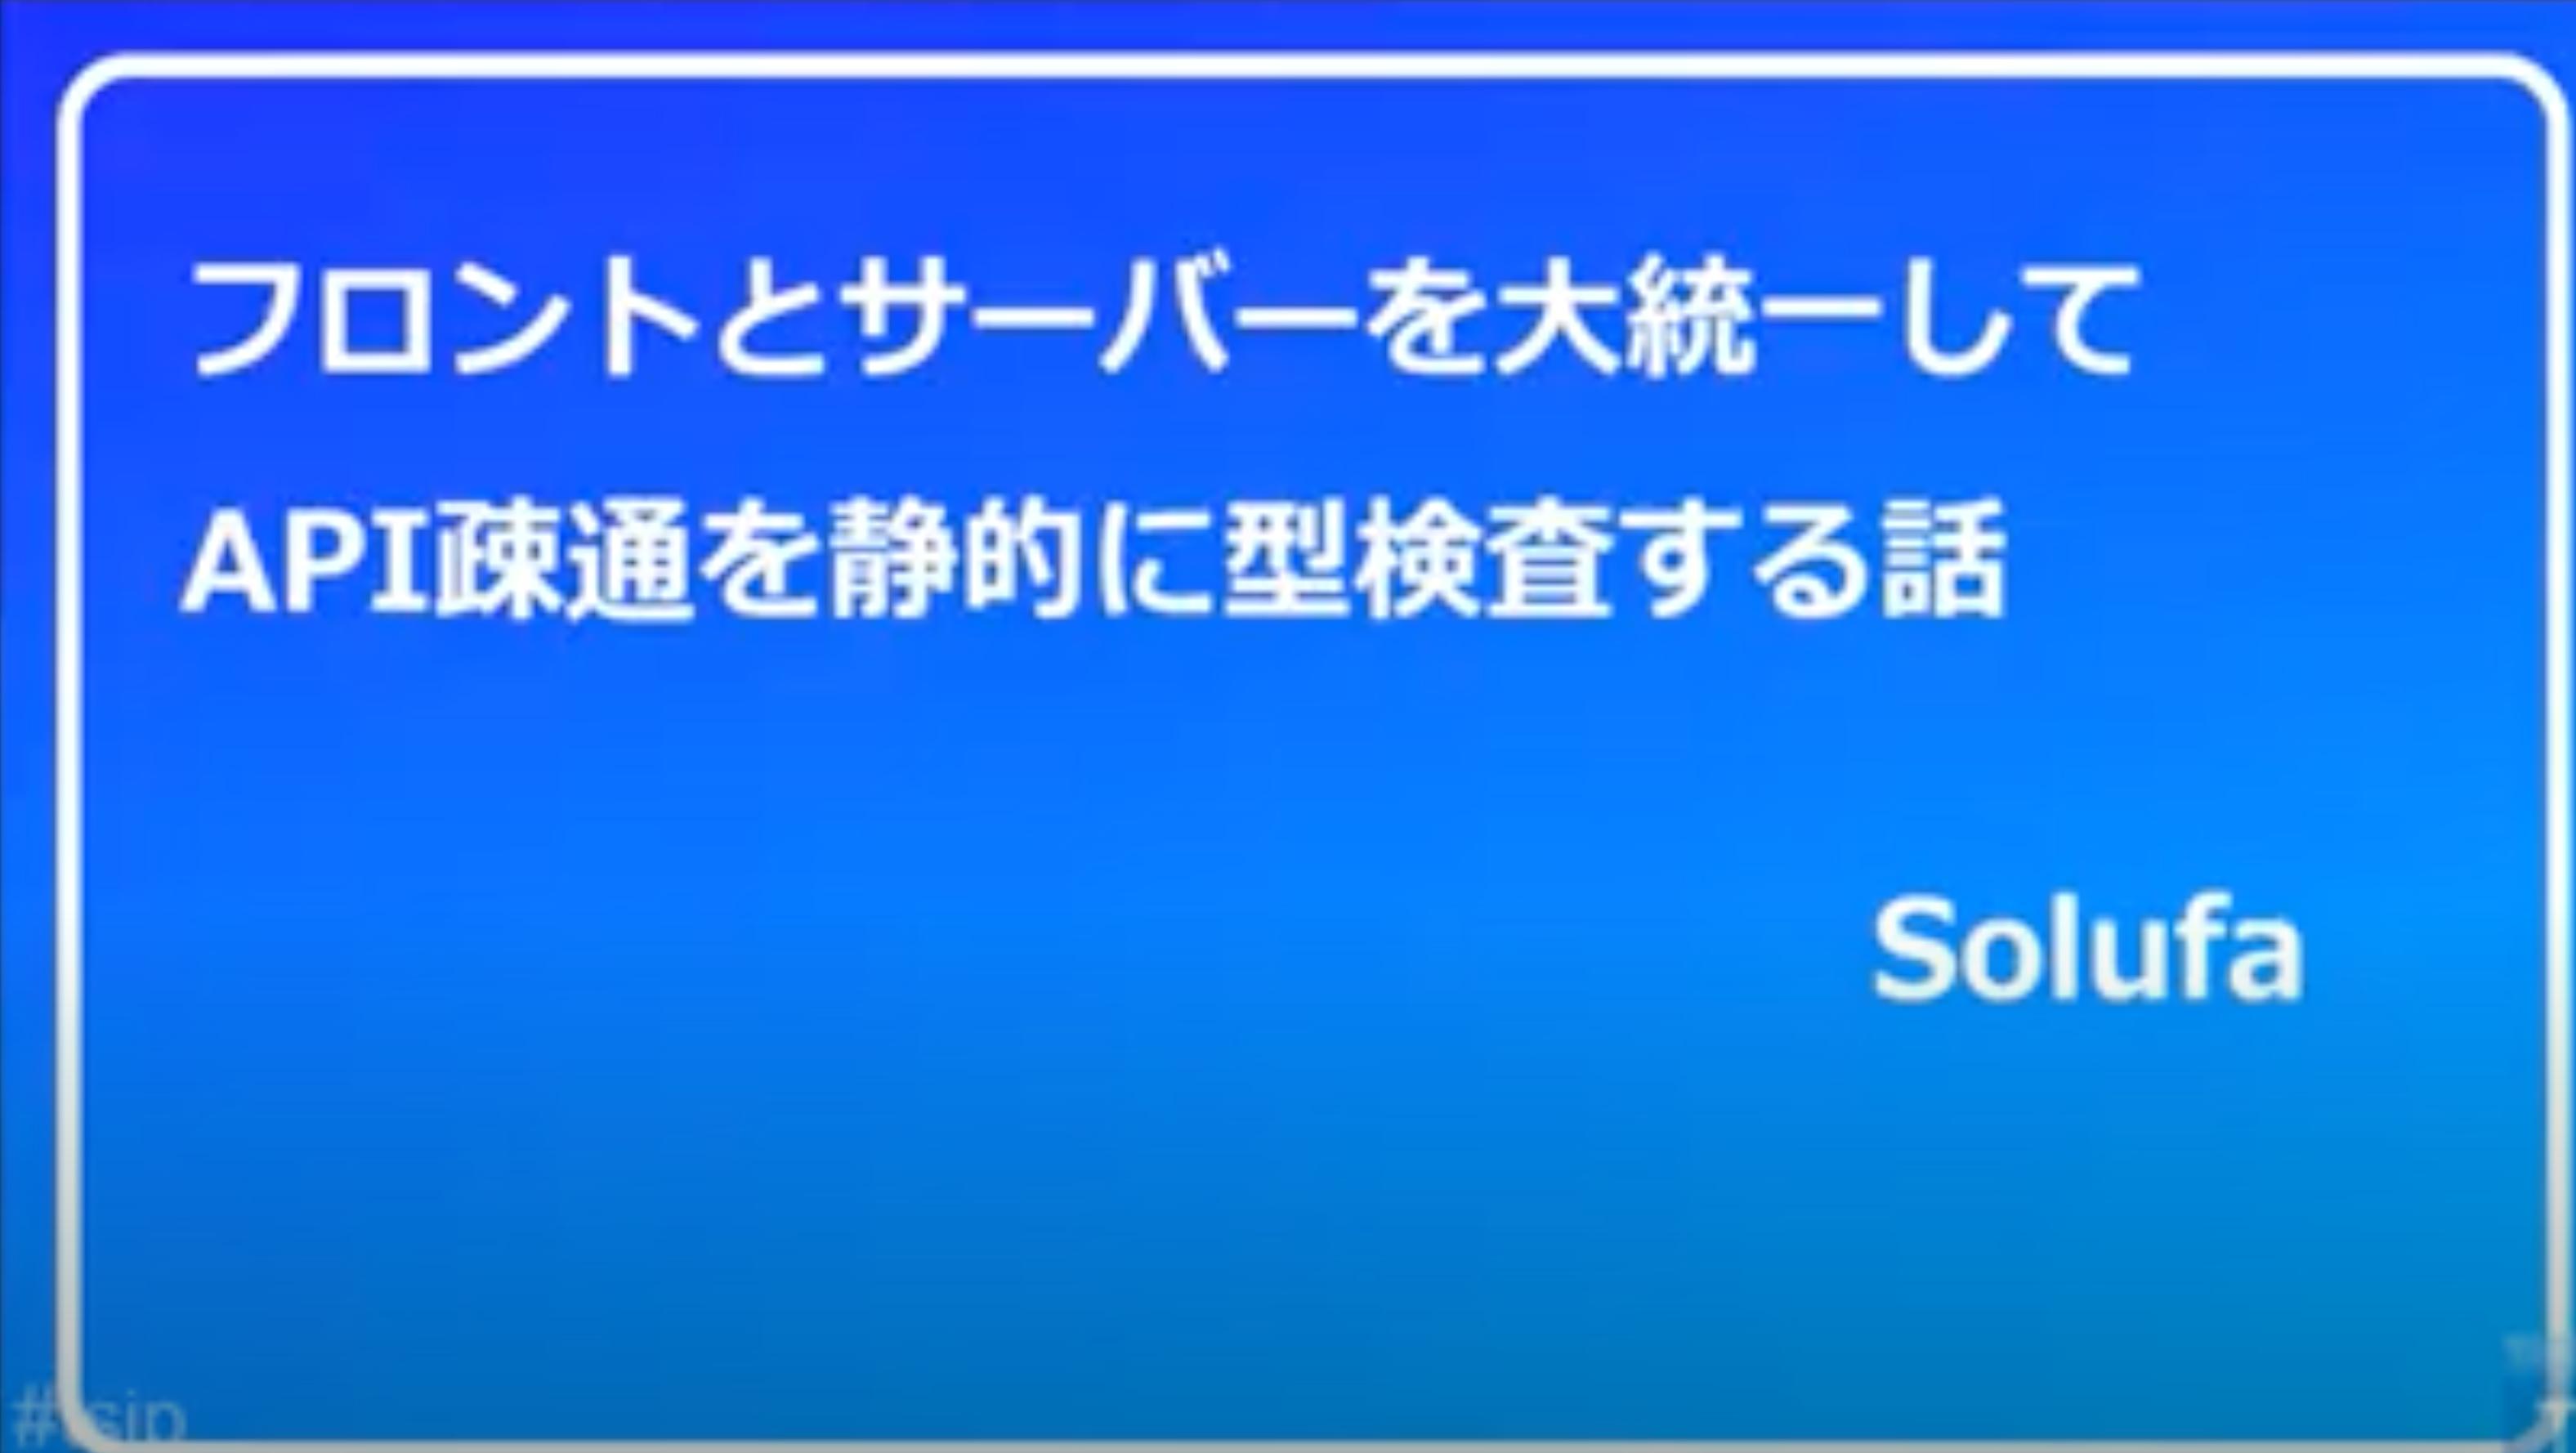 スクリーンショット 2020-06-17 6.04.20.png